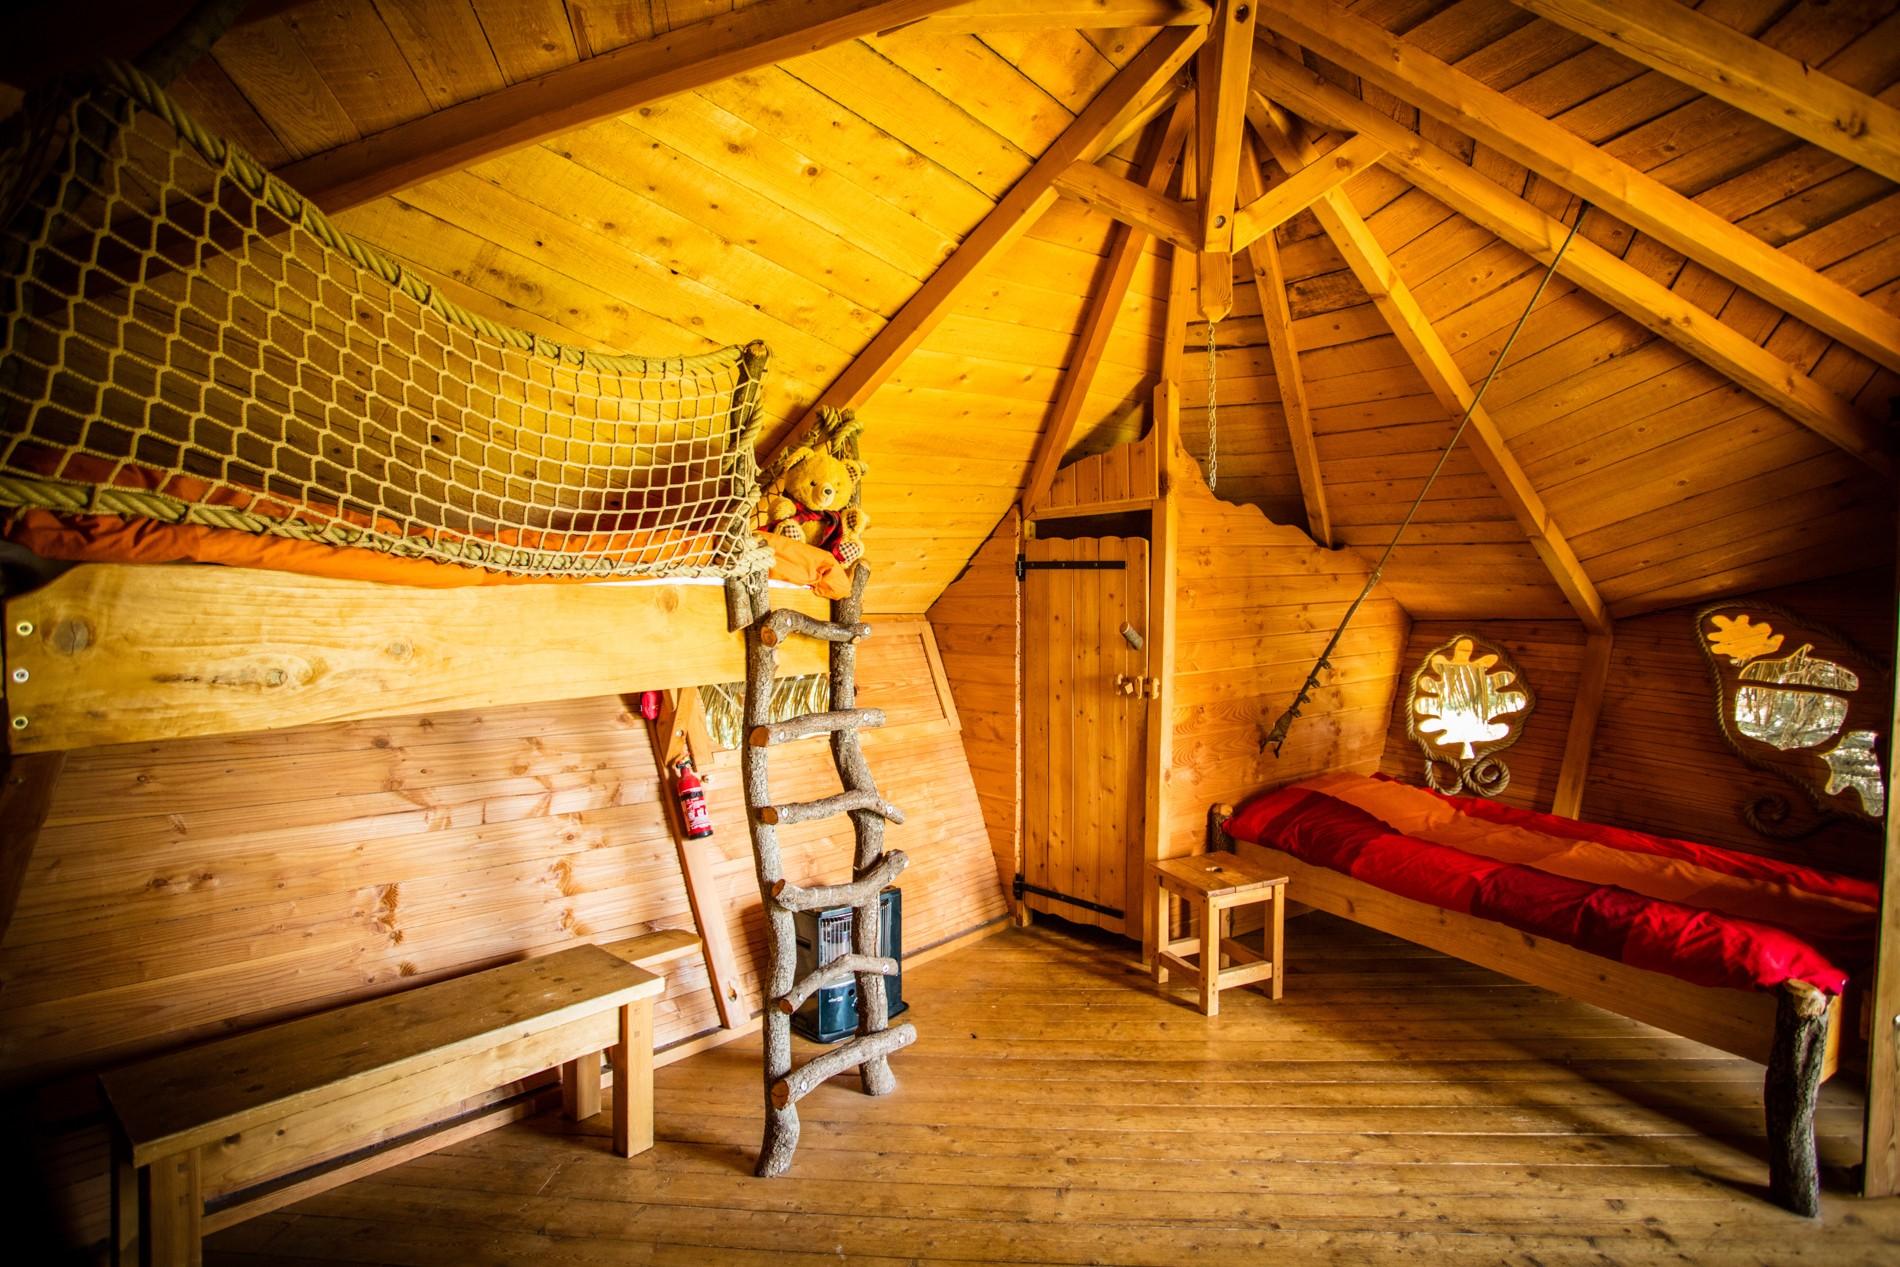 Photo 33 intérieur - cabane dans les arbres - hébergement insolite à Montpellier - Oenotourisme - Domaine saint Jean de l'Arbousier, Castries, Hérault